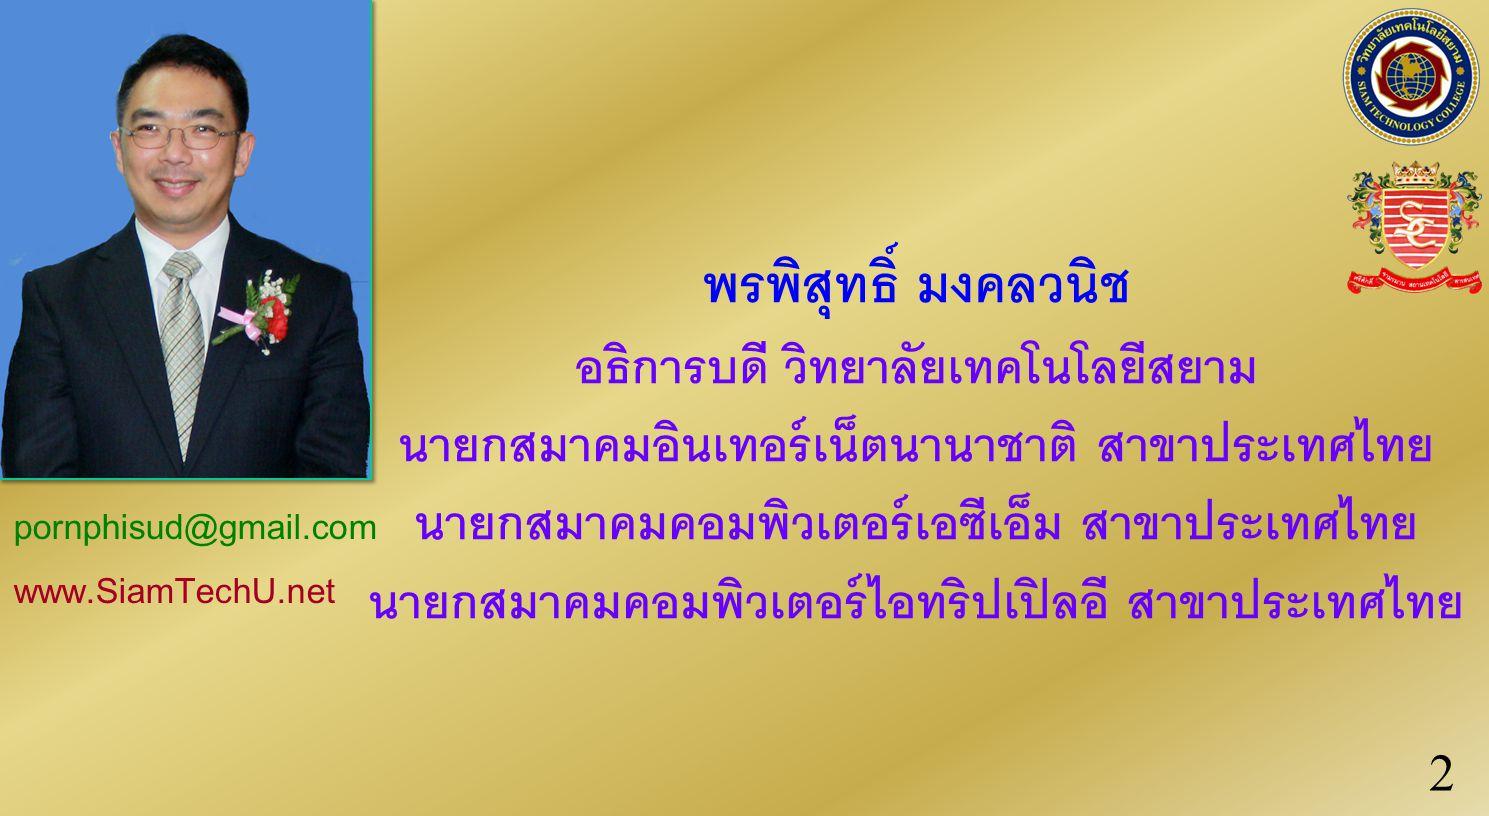 ฉัตรปวีณ์ ตรีชัชวาลวงศ์ เจ้าของบริษัท โซเซียลแลป จำกัด อุปนายกสมาคมคอมพิวเตอร์แห่งประเทศไทยฯ อุปนายกสมาคมอินเทอร์เน็ต พิธีกร ผู้สื่อข่าว ผู้เขียน ผู้จัดรายการวิทยุและโทรทัศน์ด้านไอที chatpacee@yahoo.com www.ceemeagain.com 3